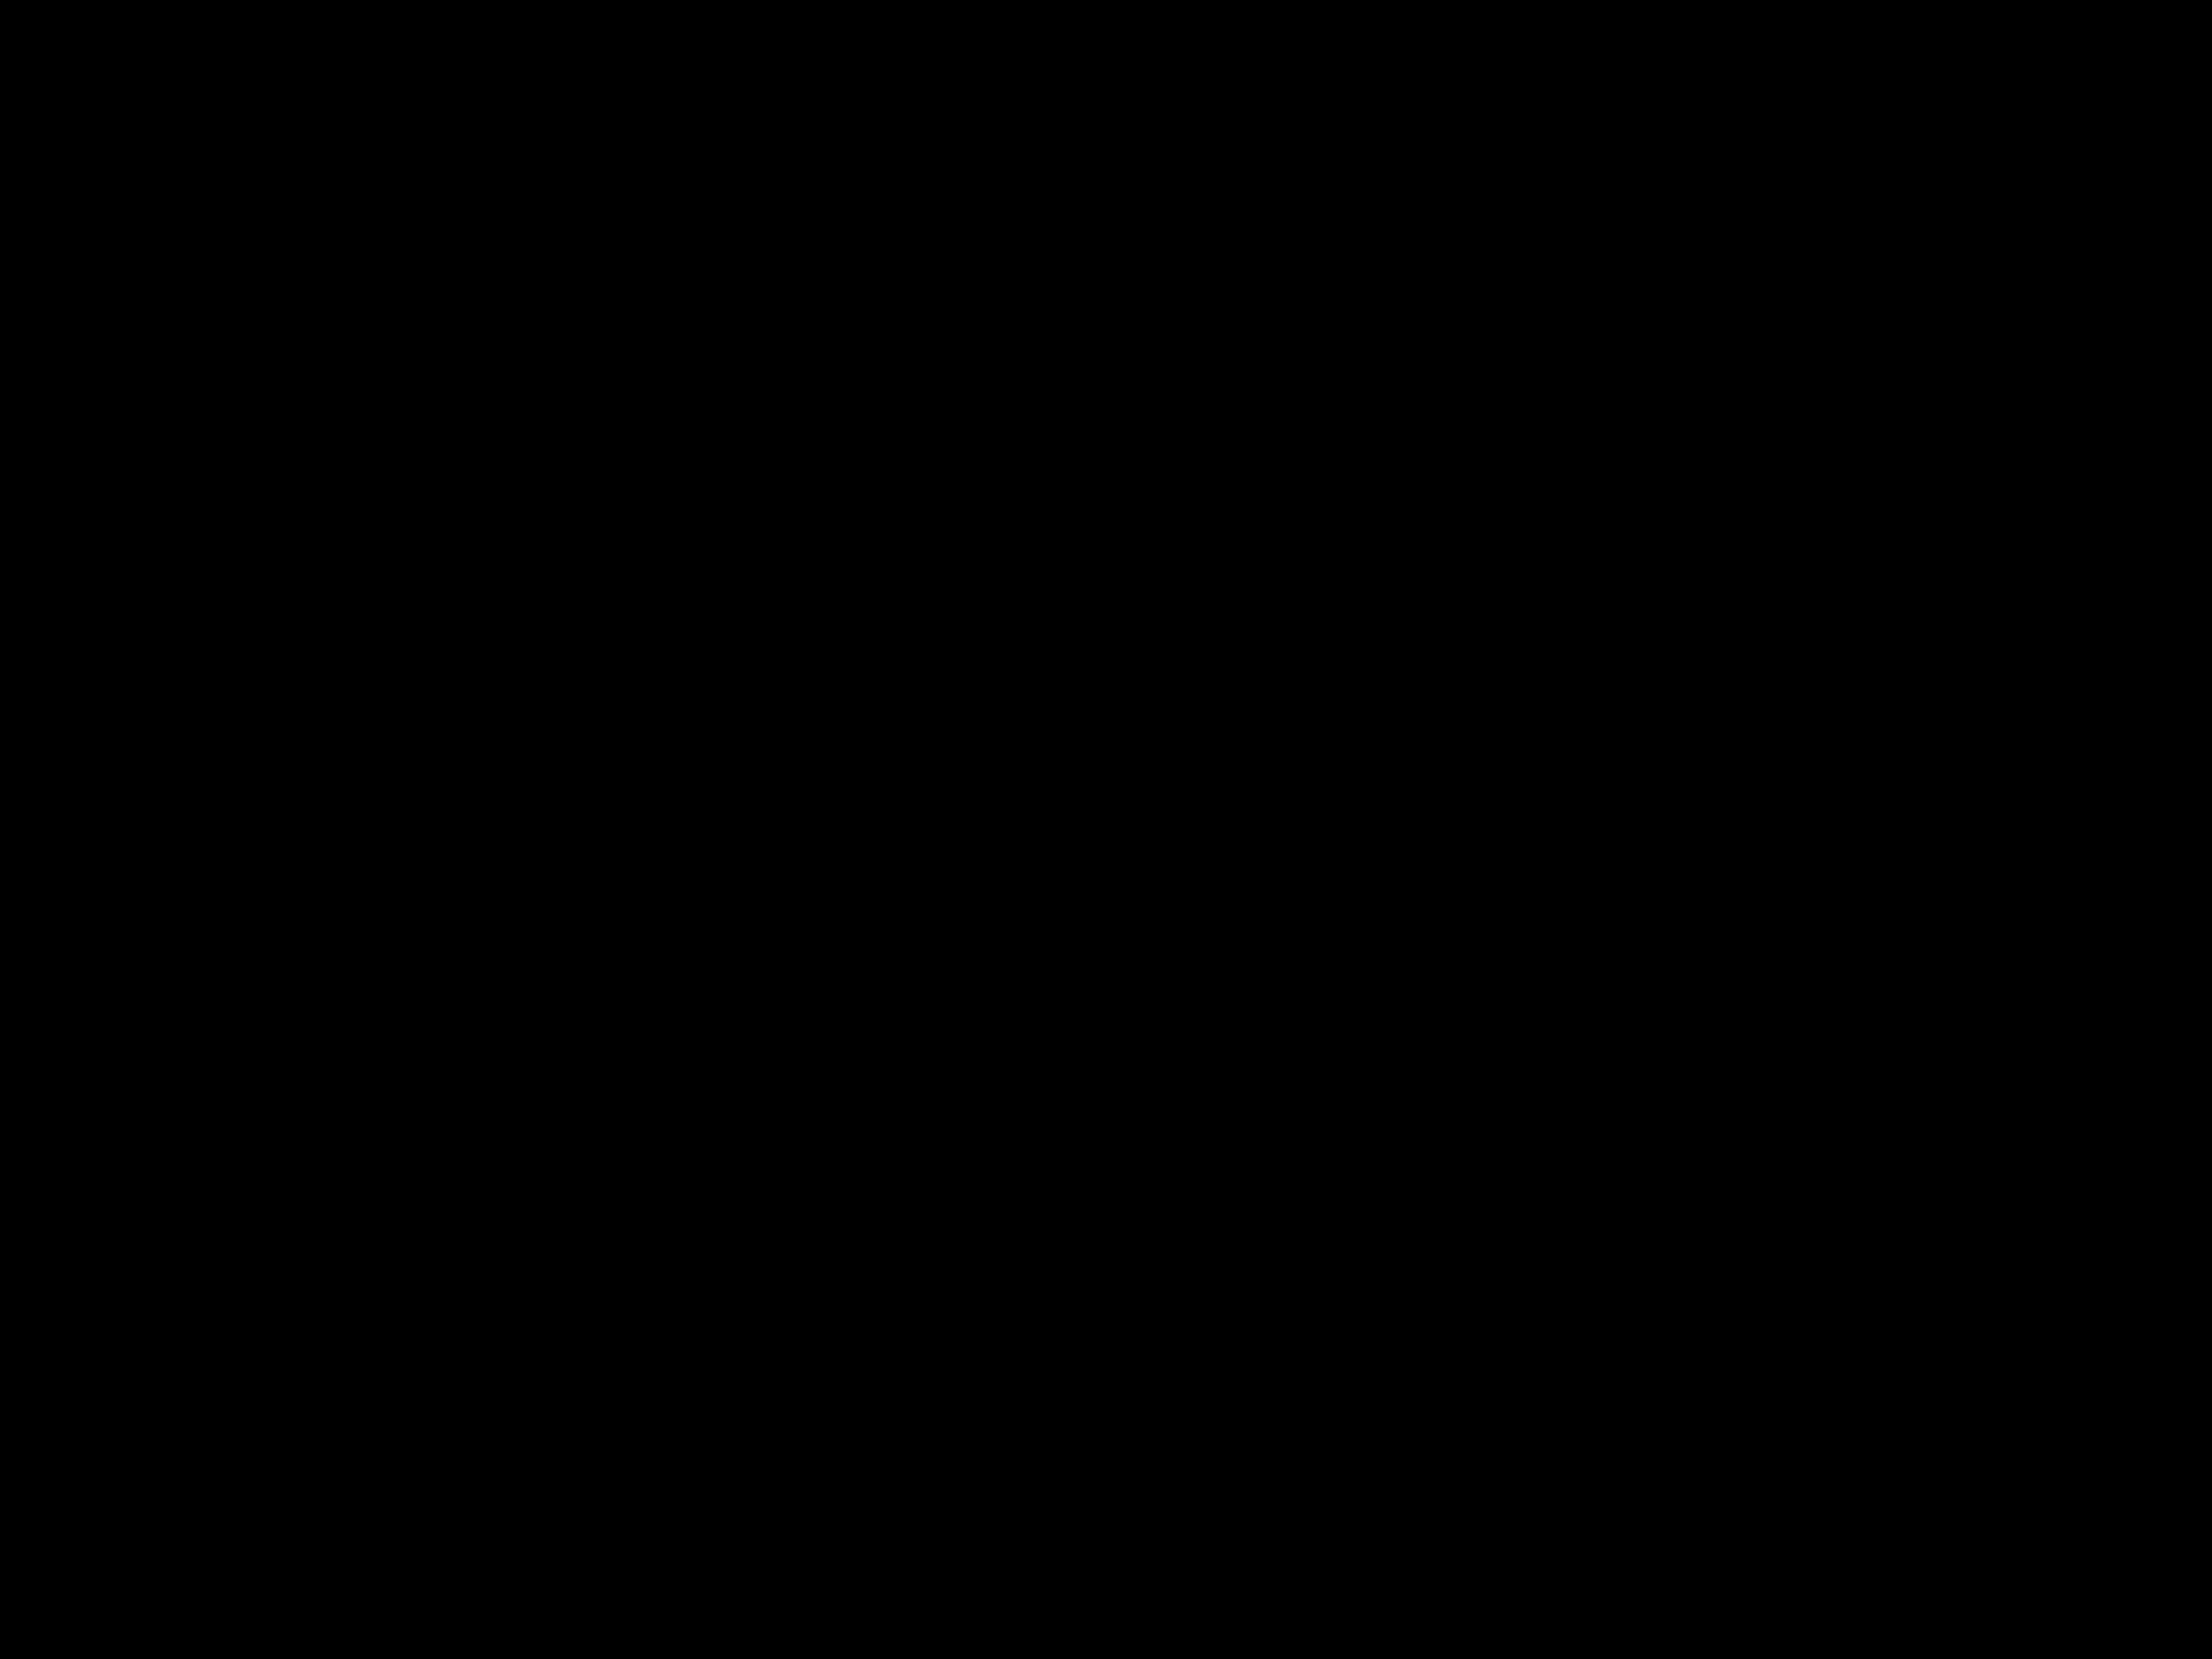 kostenlose applikationsvorlagen autos